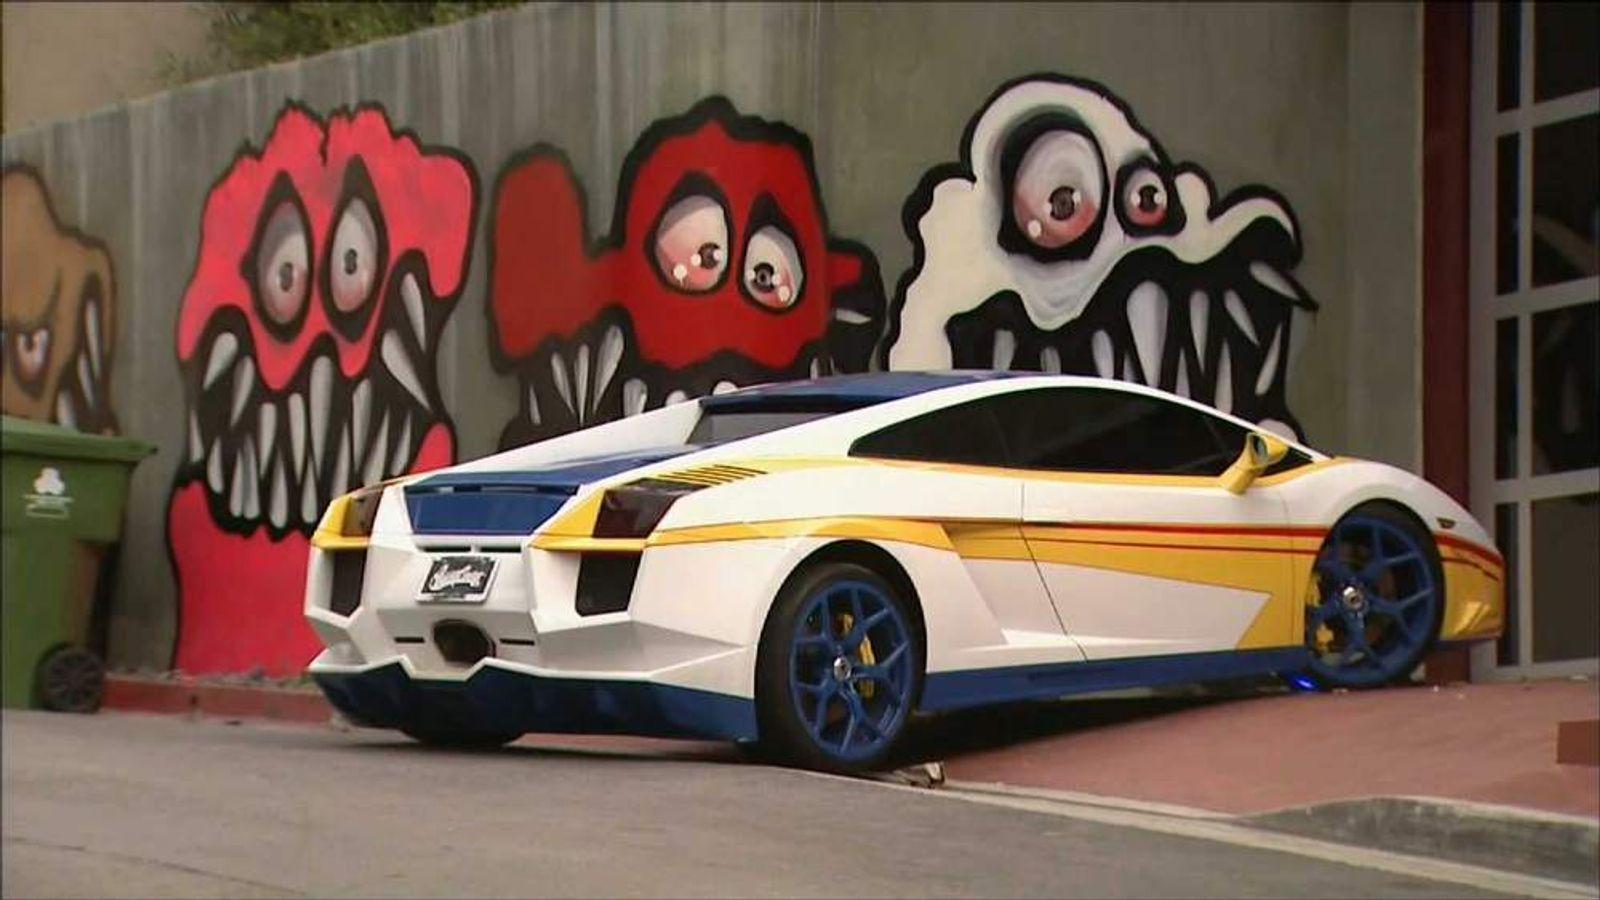 Chris Brown Cars: Chris Brown's 'Devil' Art Sparks Complaints